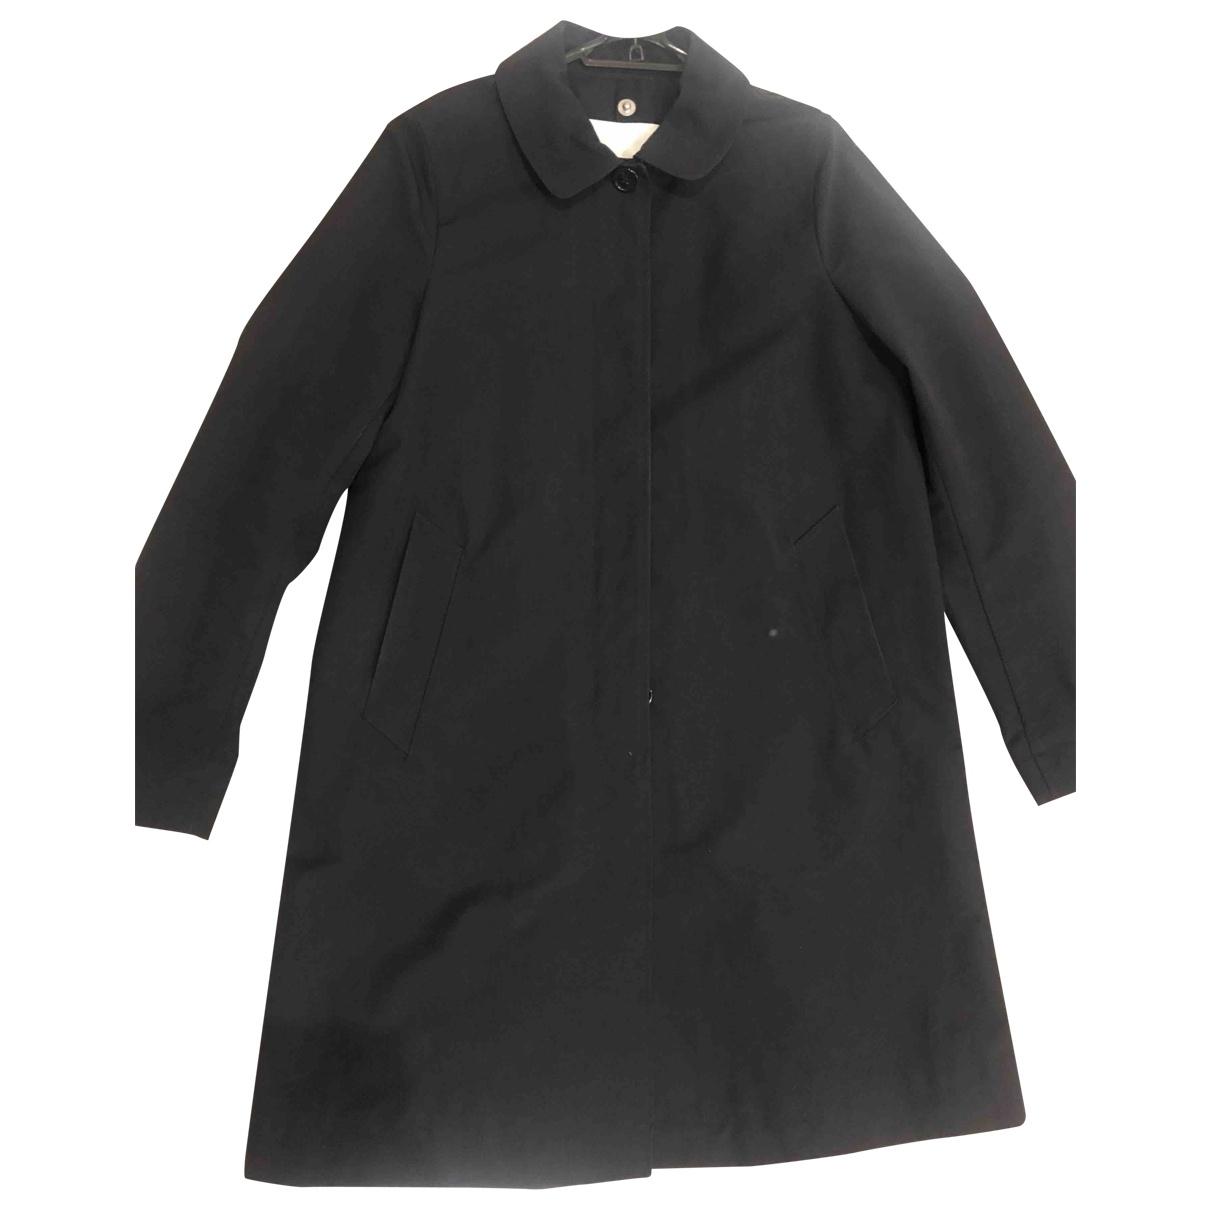 Arket - Manteau   pour femme en coton - marine